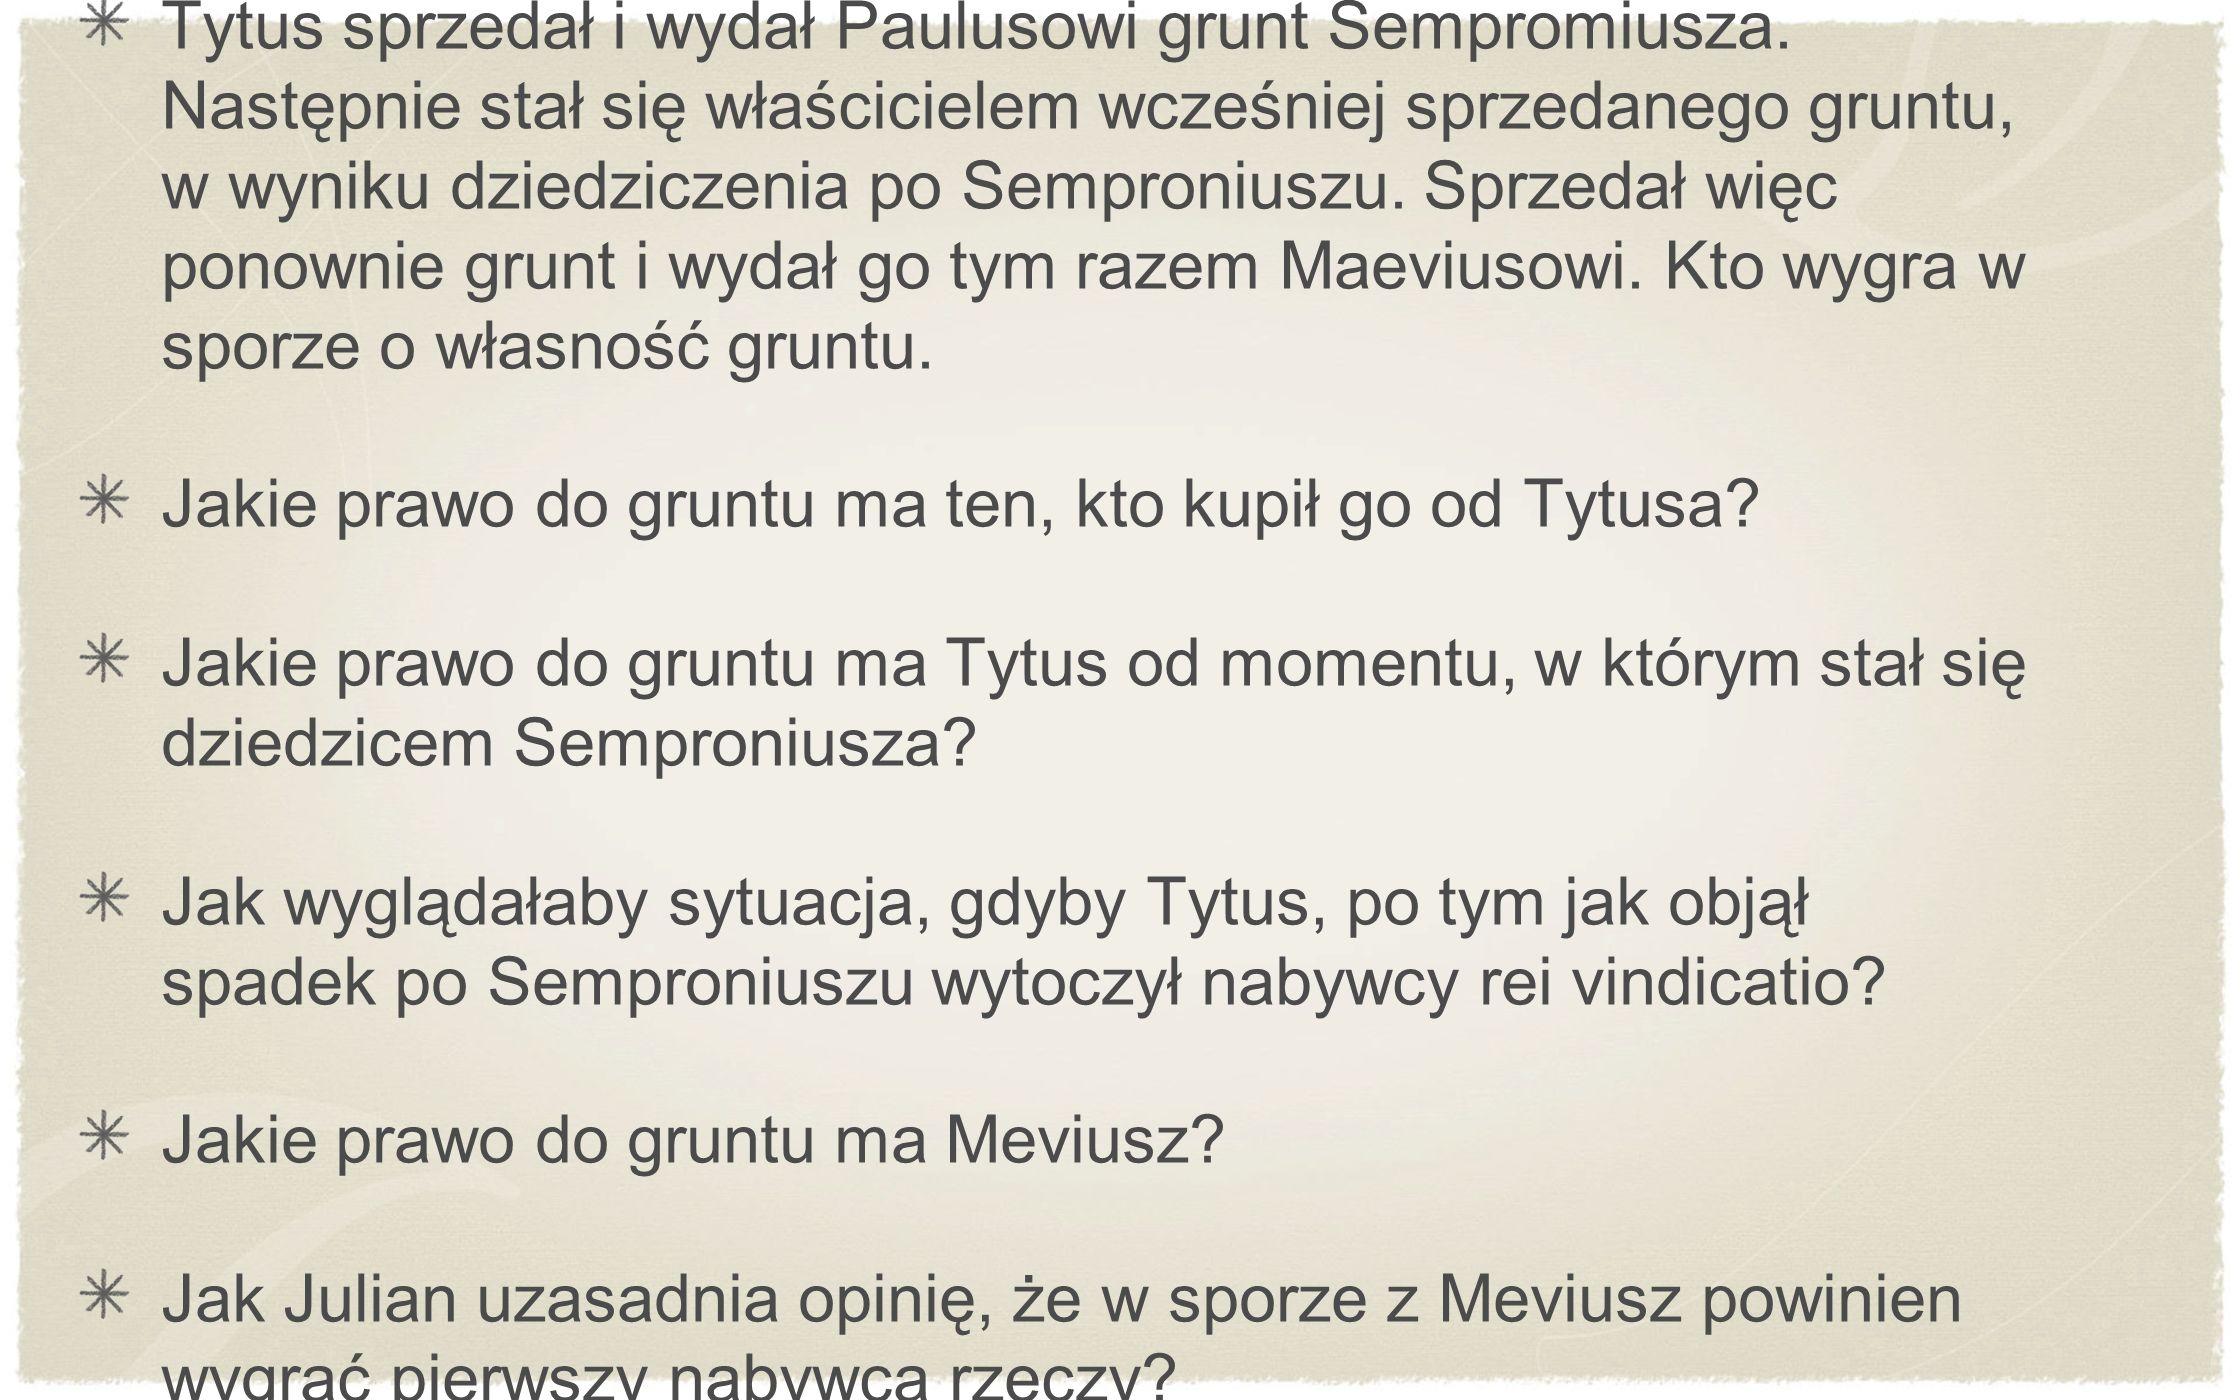 Tytus sprzedał i wydał Paulusowi grunt Sempromiusza